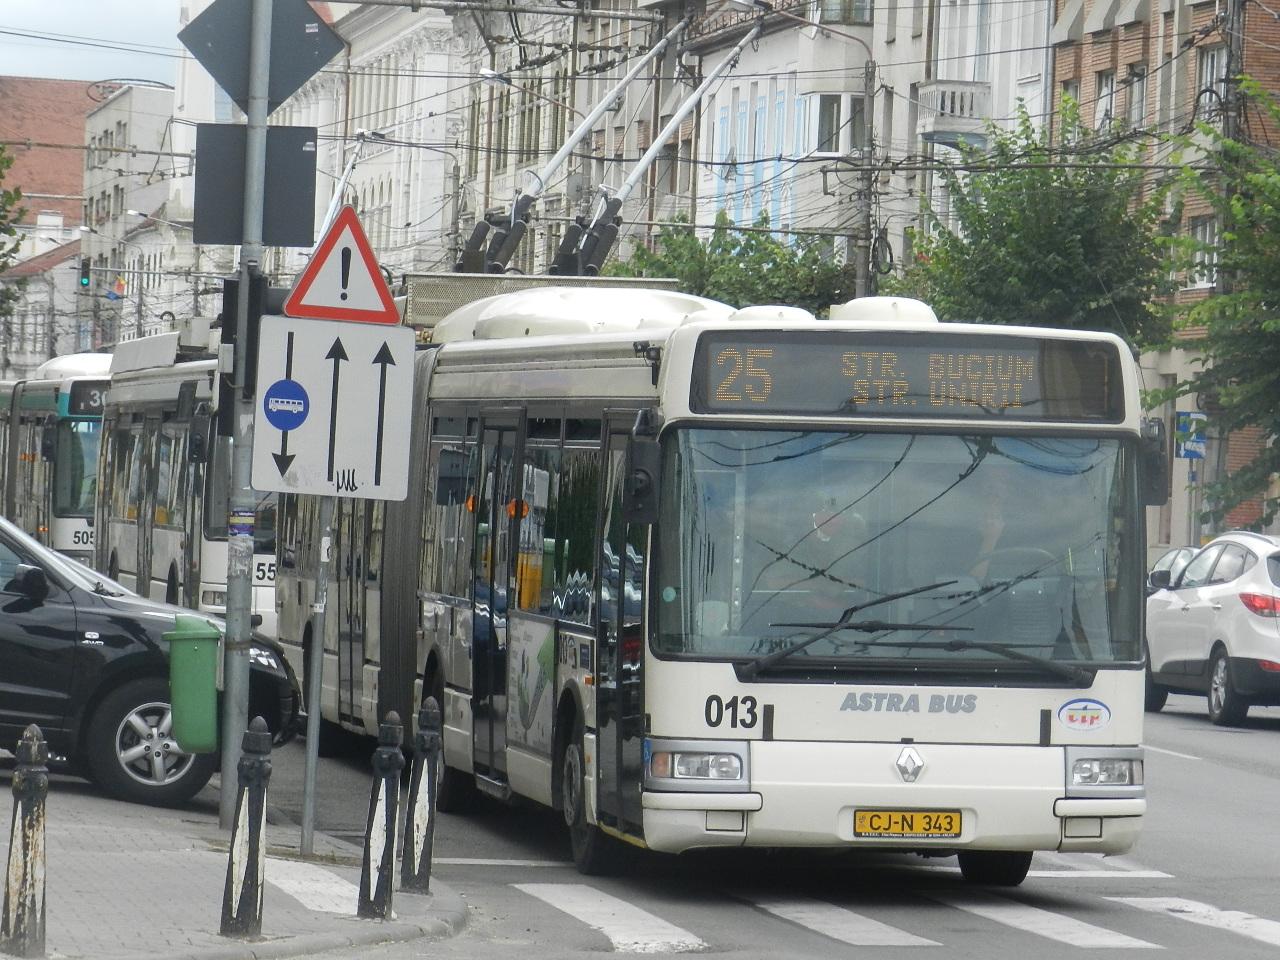 Numărul autobuzelor pe liniile 9, 24 și 43 a fost suplimentat